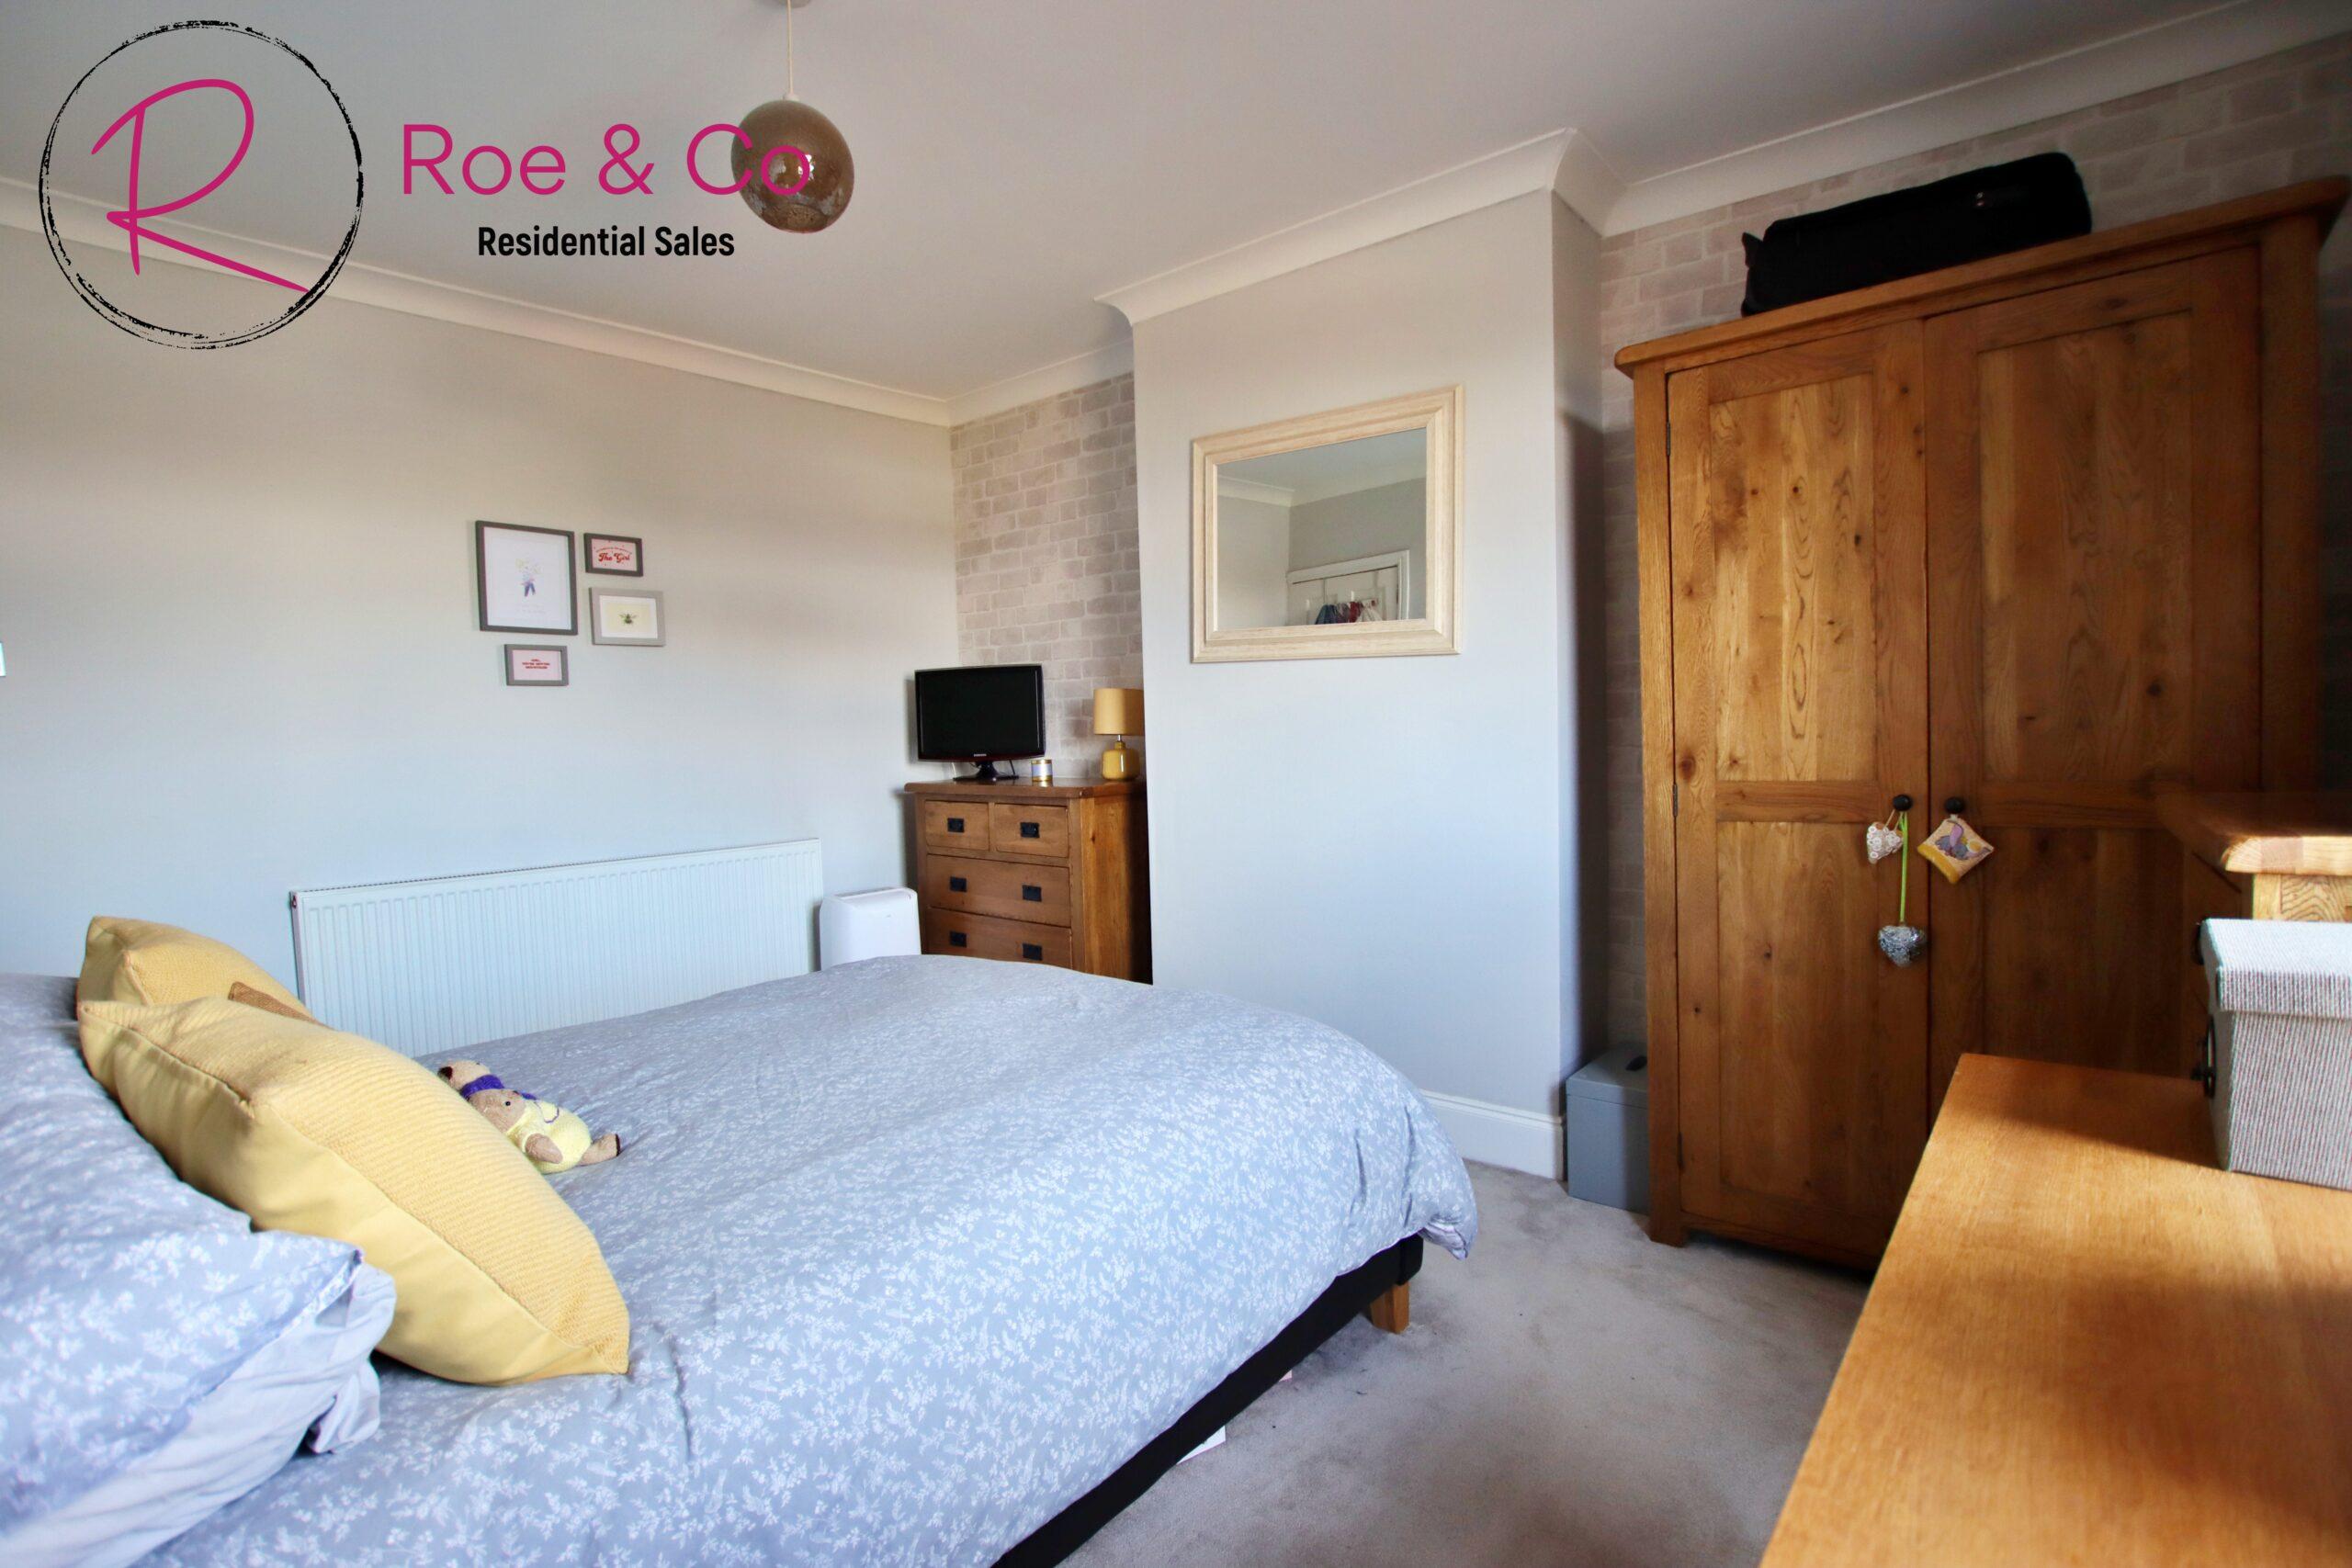 Roe Co Properties